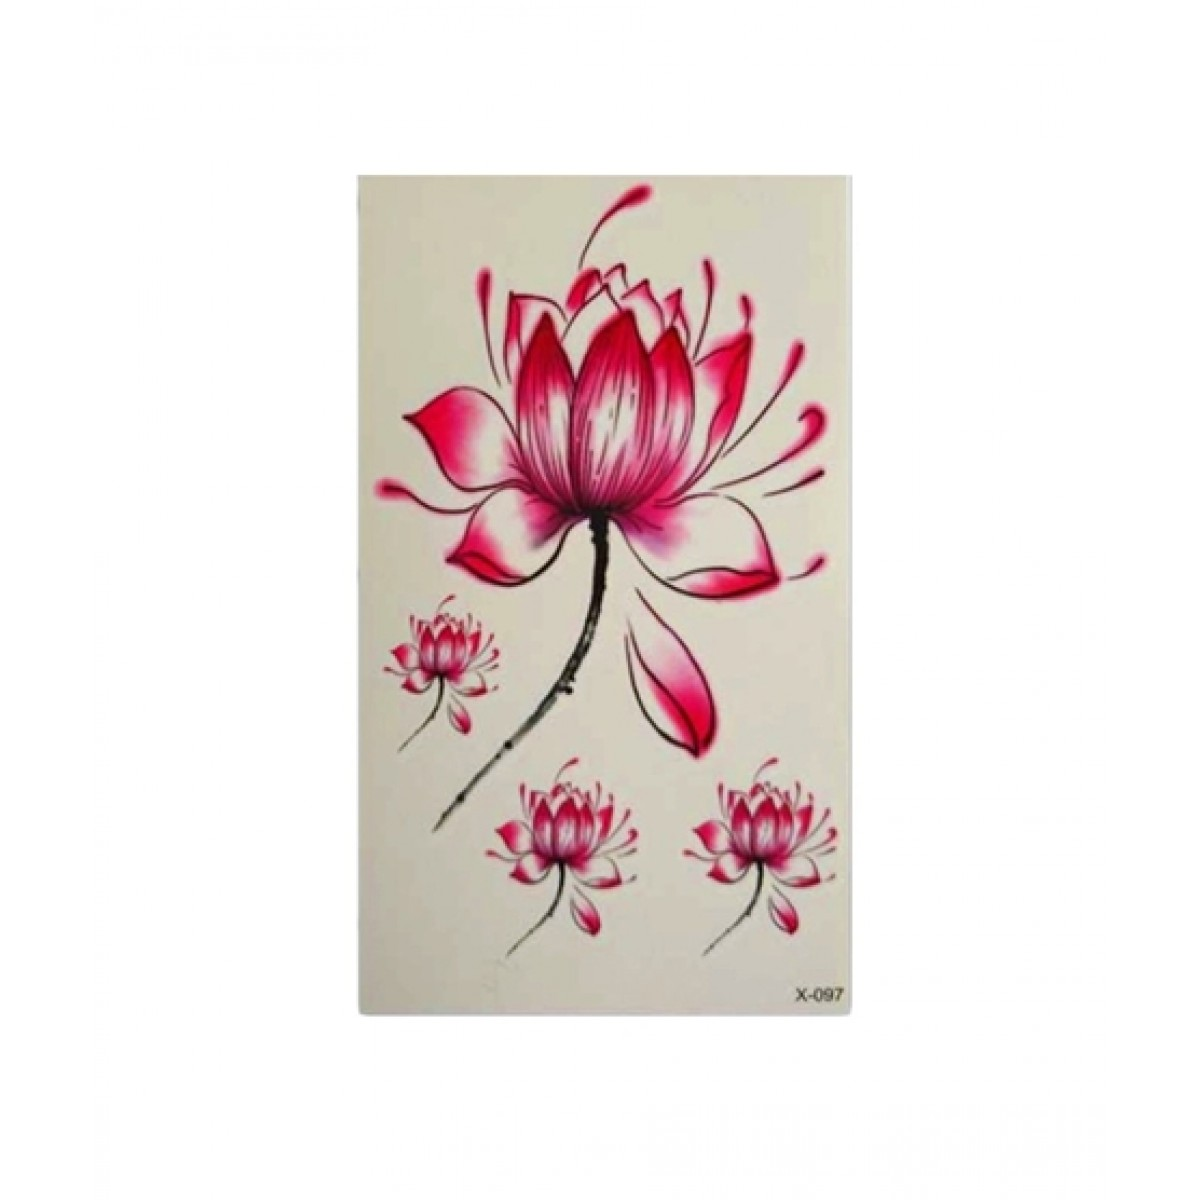 dcd6e6881 Lotus Flower Temporary Tattoo Sticker Price in Pakistan | Buy Muzamil Store Lotus  Flower Temporary Tattoo Sticker | iShopping.pk